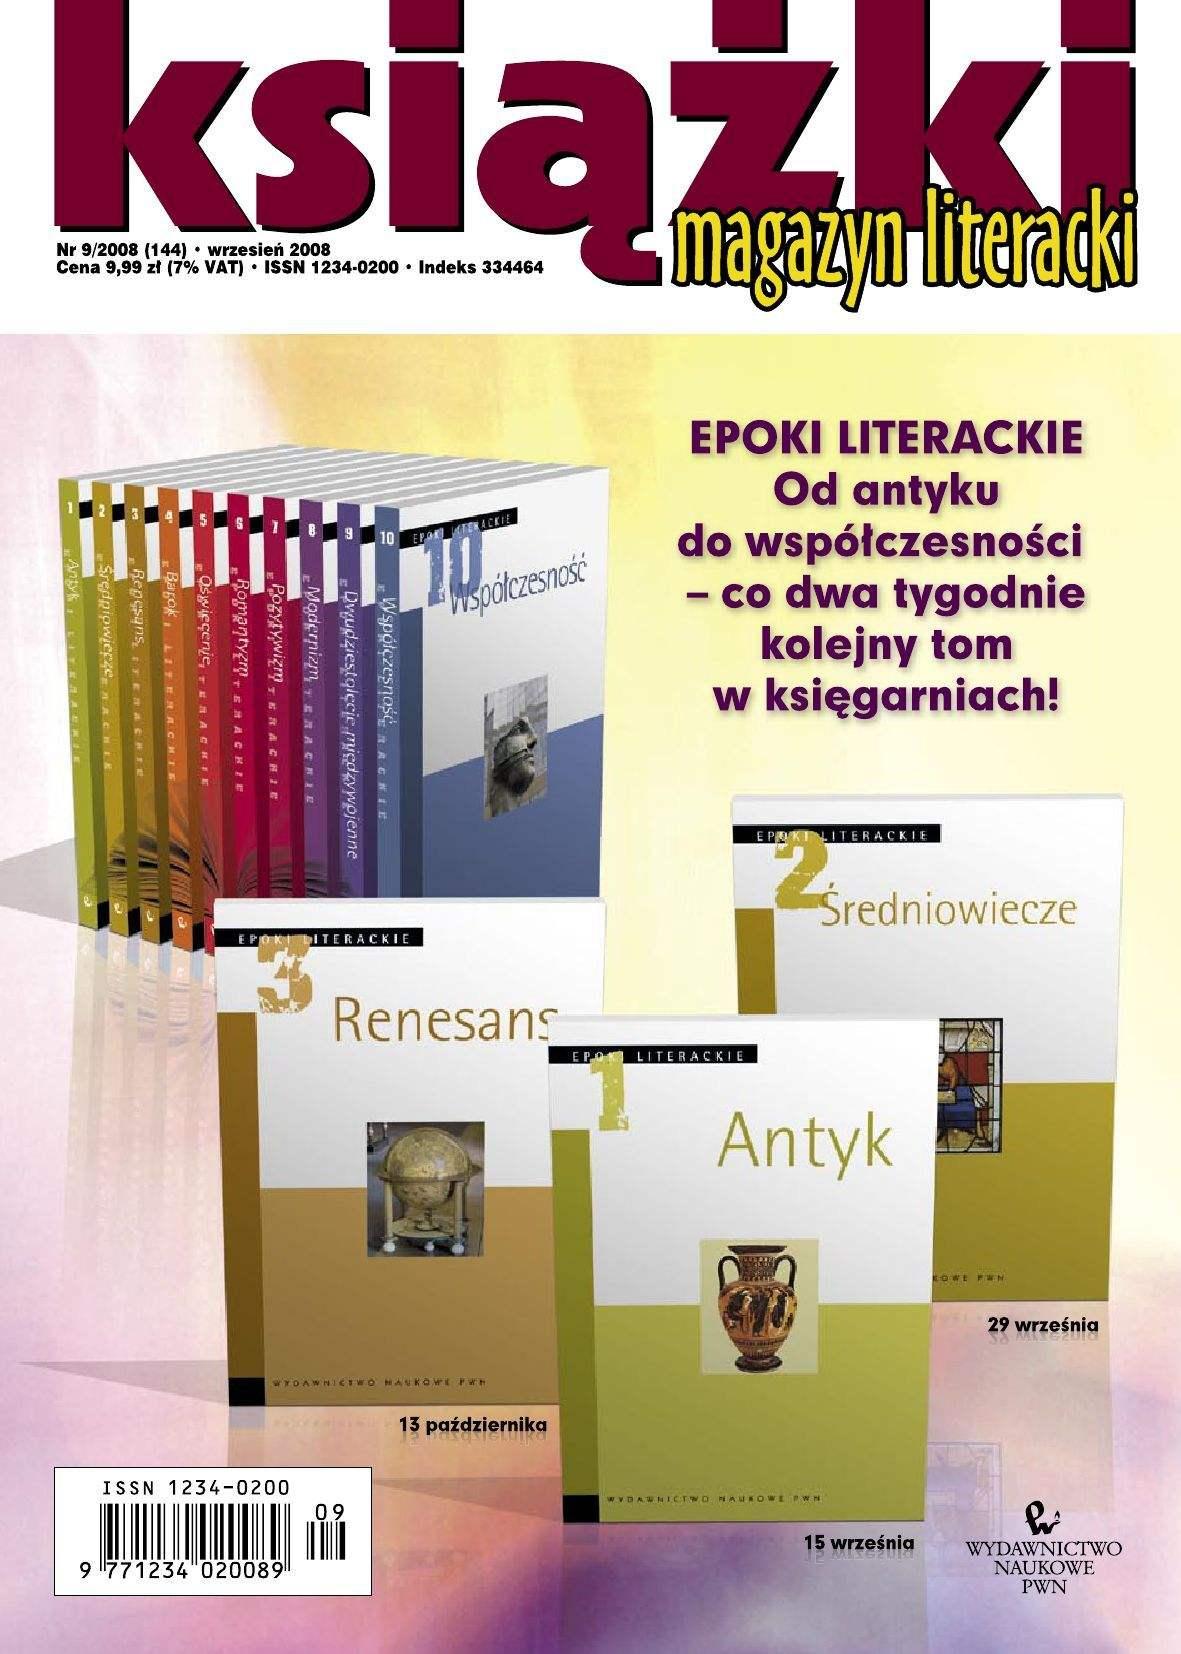 Magazyn Literacki KSIĄŻKI - Nr 9/2008 (144) - Ebook (Książka PDF) do pobrania w formacie PDF